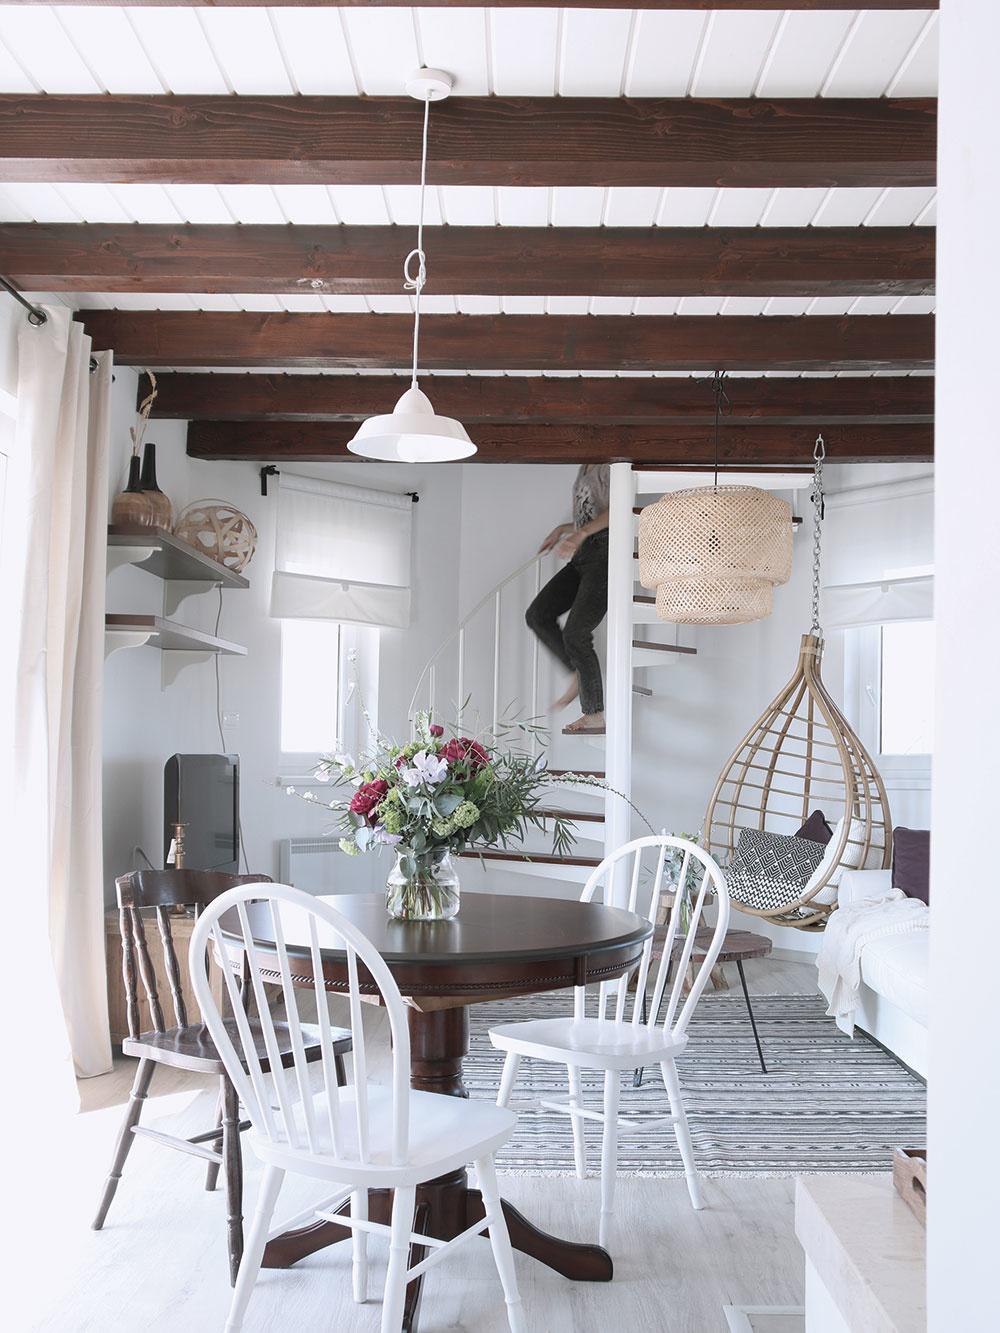 Na podlahu sa použil bielený dub, ktorý vytvára príjemný kontrast stmavými drevenými trámami.